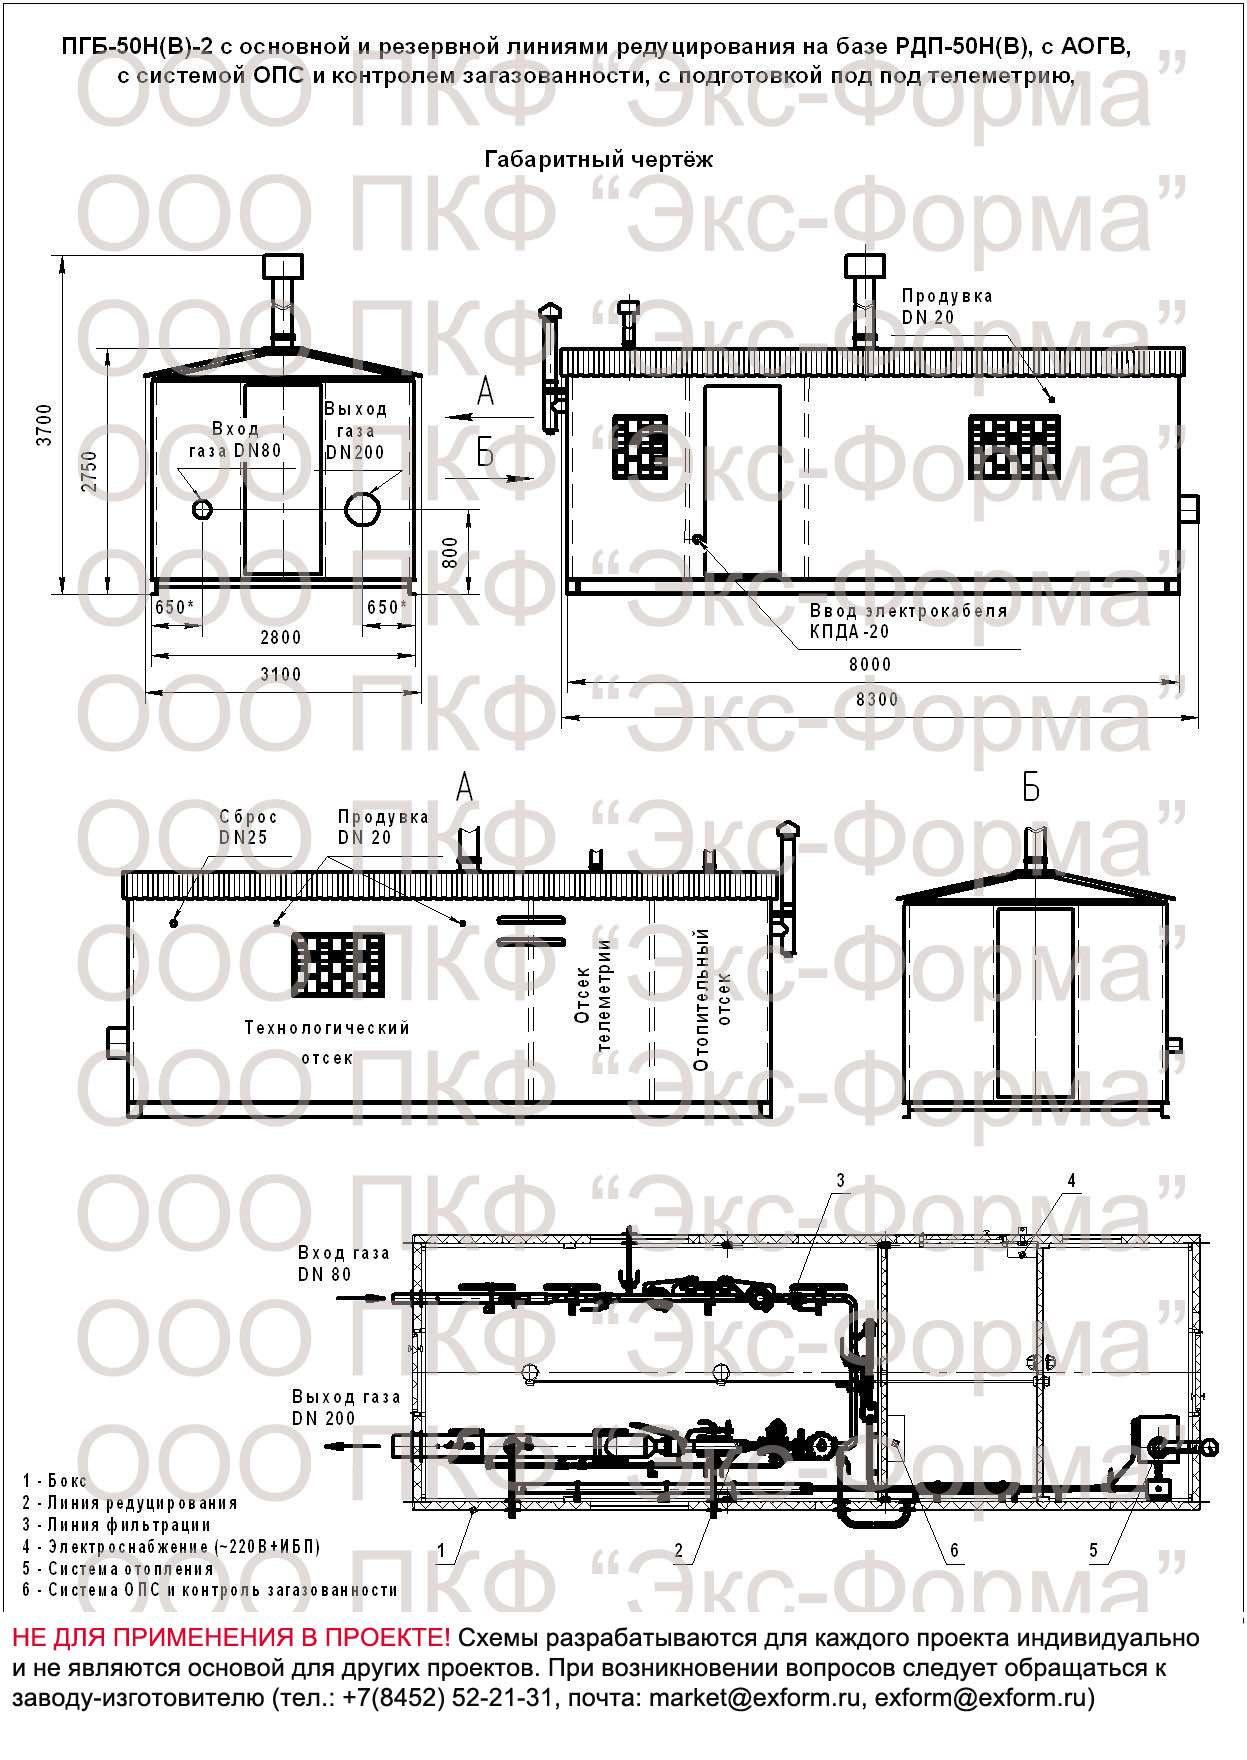 габаритная схема ПГБ-50Н-2, ПГБ-50В-2 с АОГВ